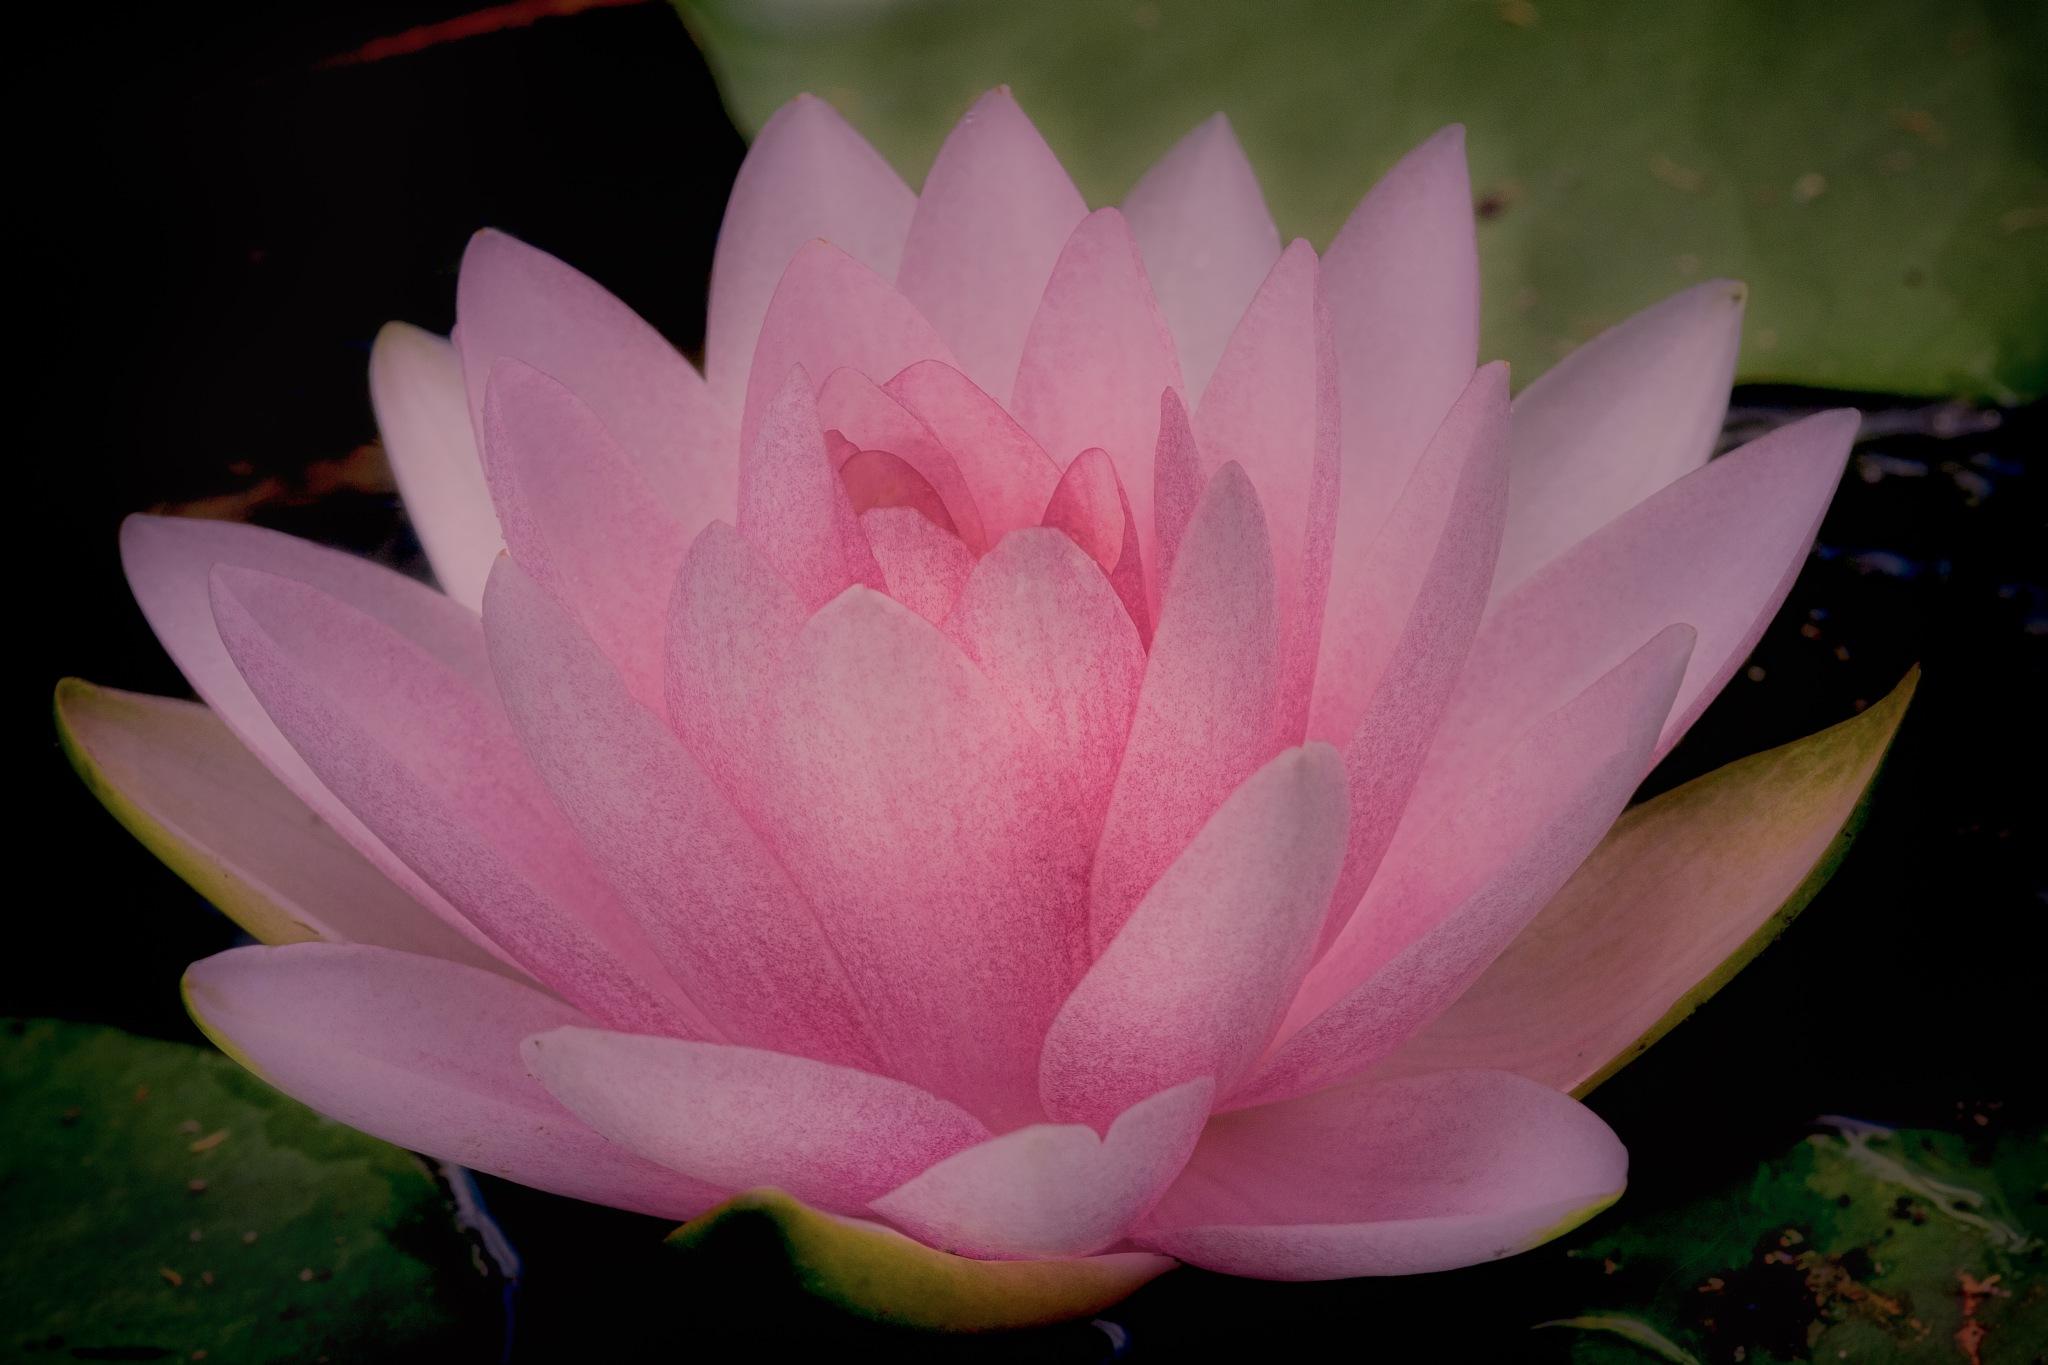 Pastel Lotus by paul.bradbury